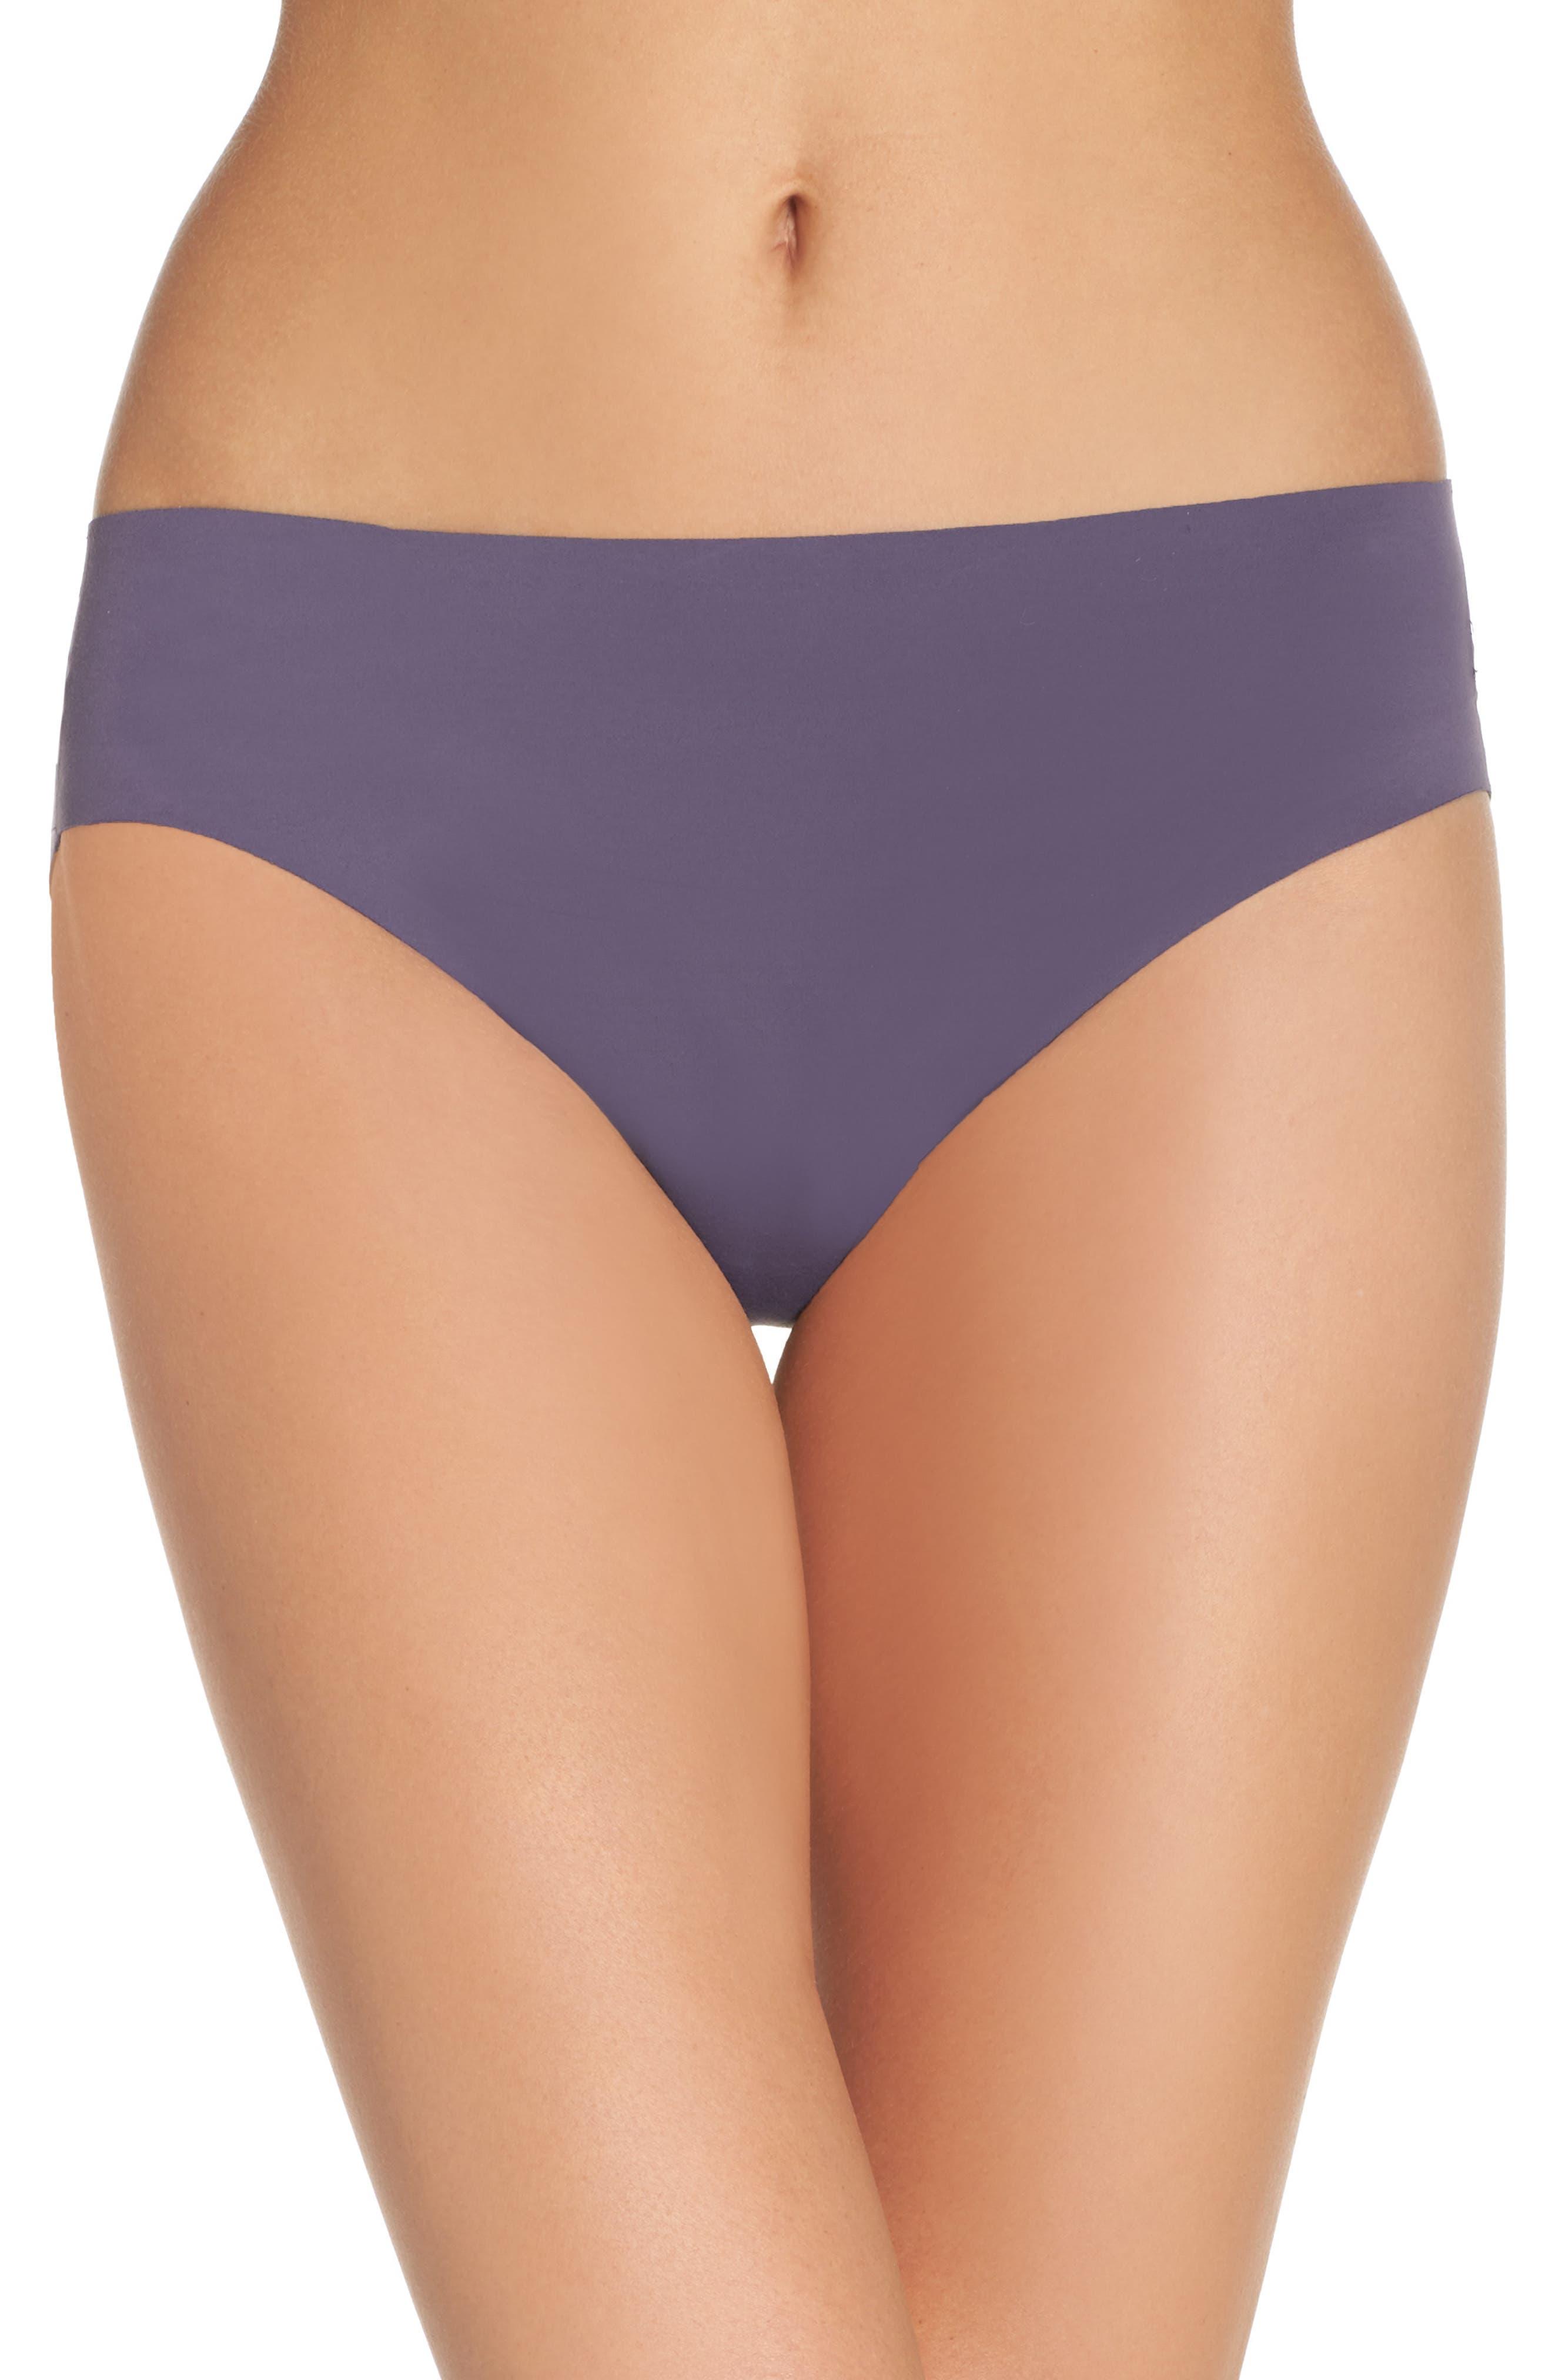 Undie-tectable B'tweenie Panty,                         Main,                         color, Oxidized Purple